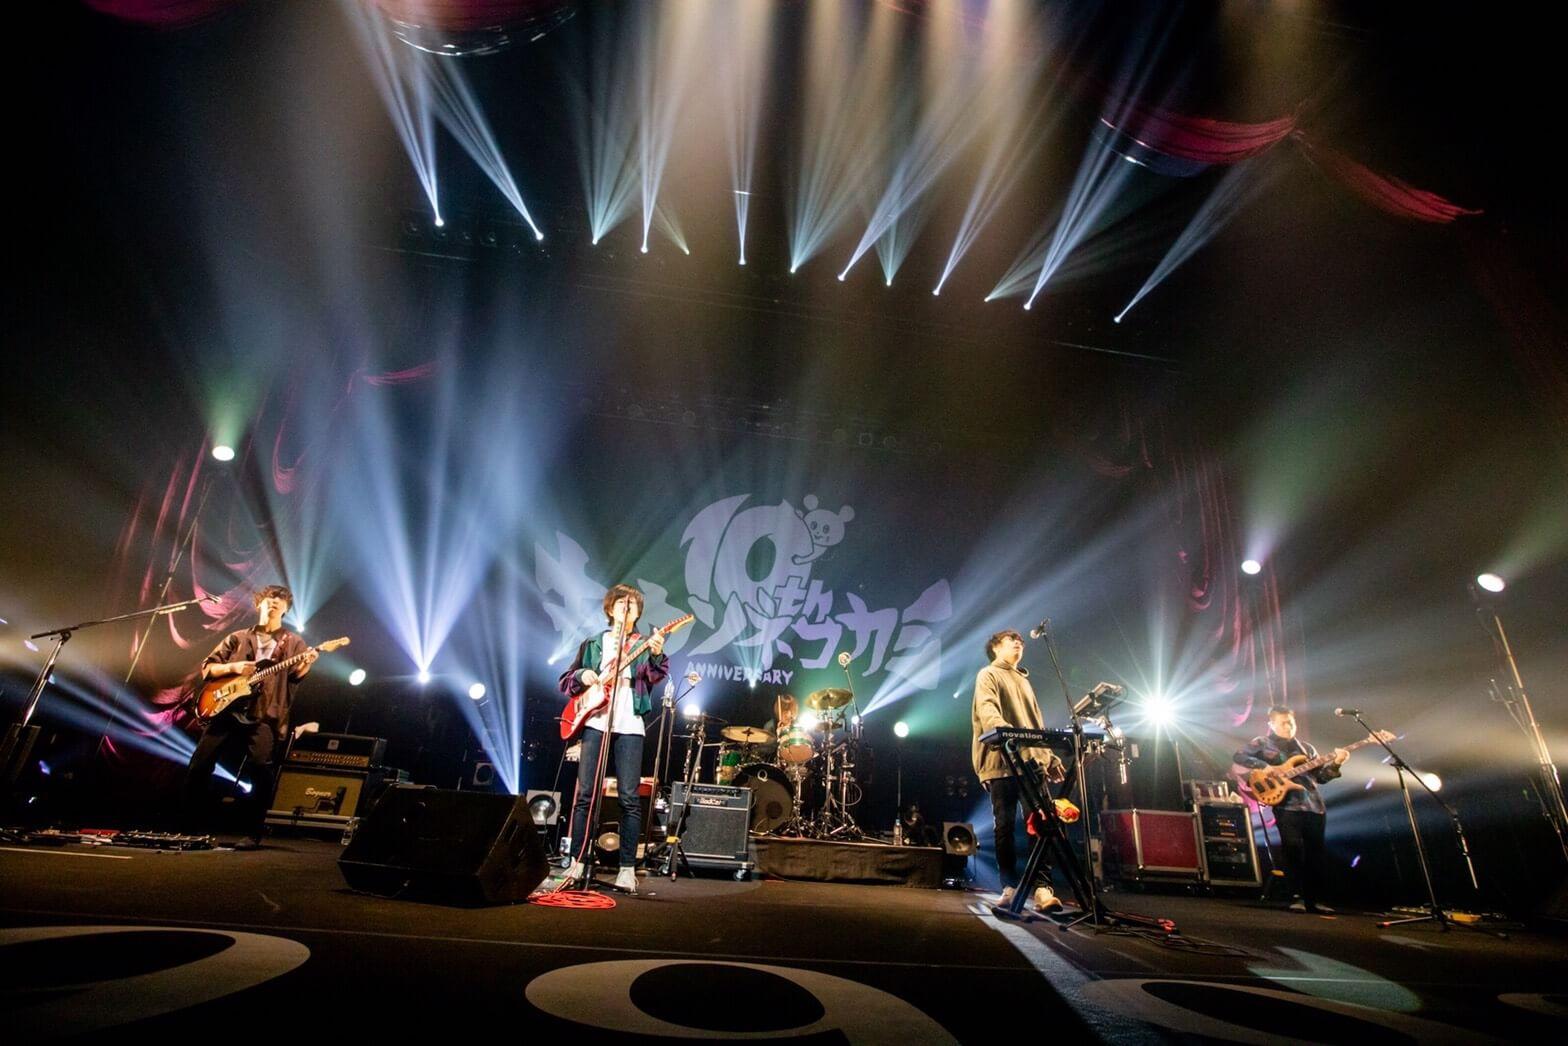 キュウソネコカミ、結成10周年記念、地元西宮でのワンマン公演大成功サムネイル画像!